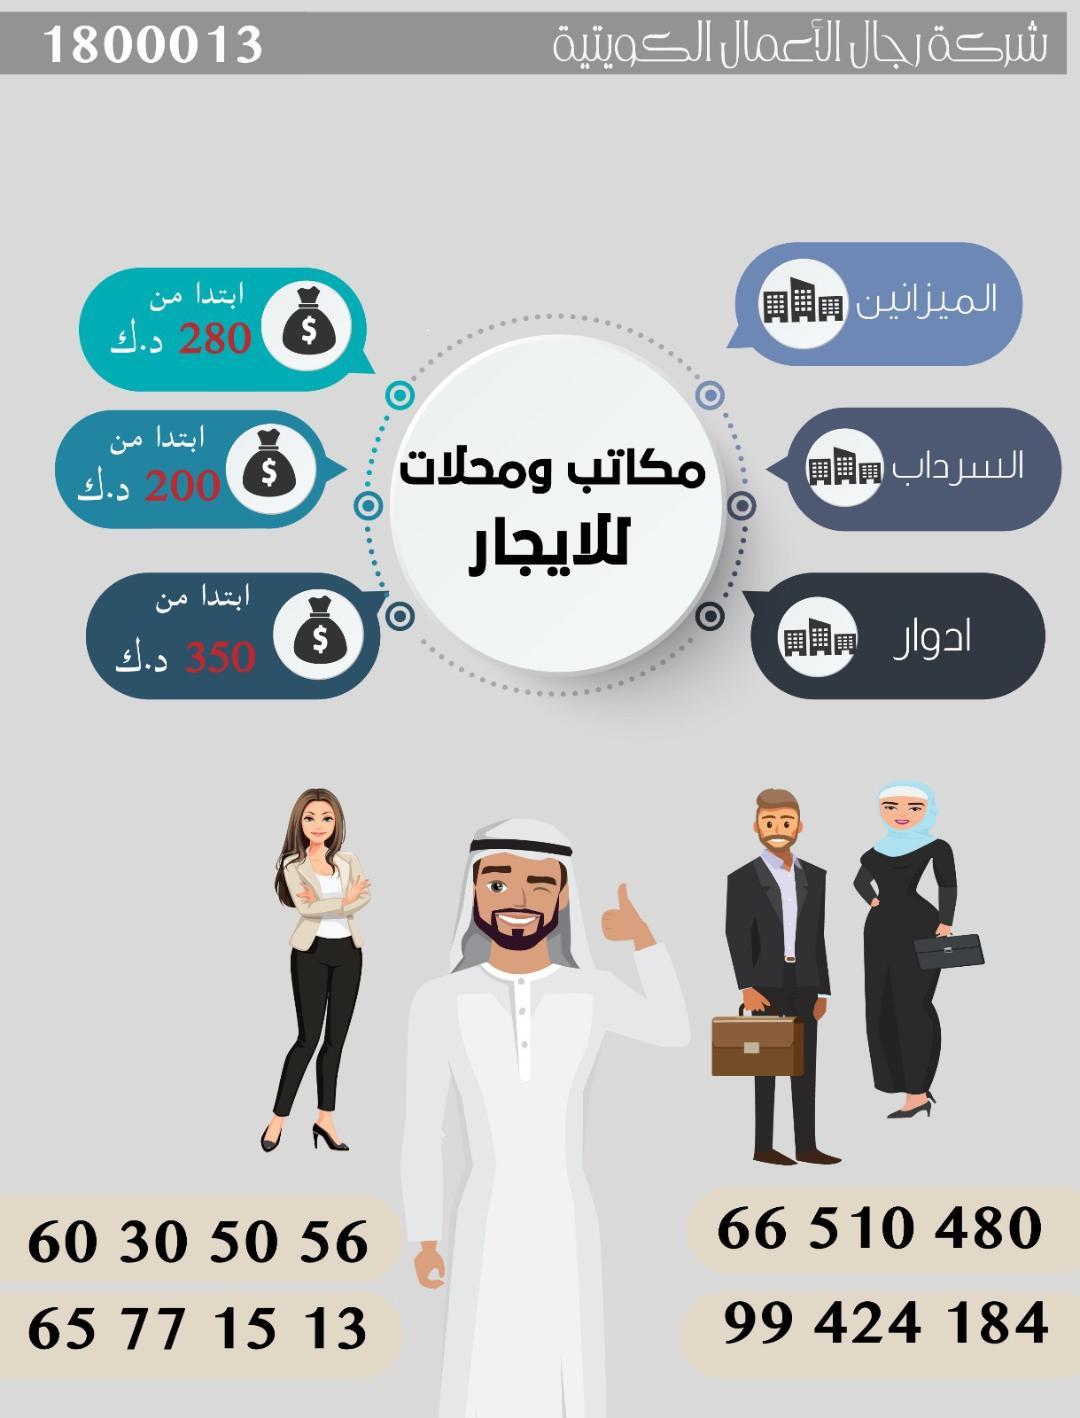 شركة رجال الاعمال الكويتية